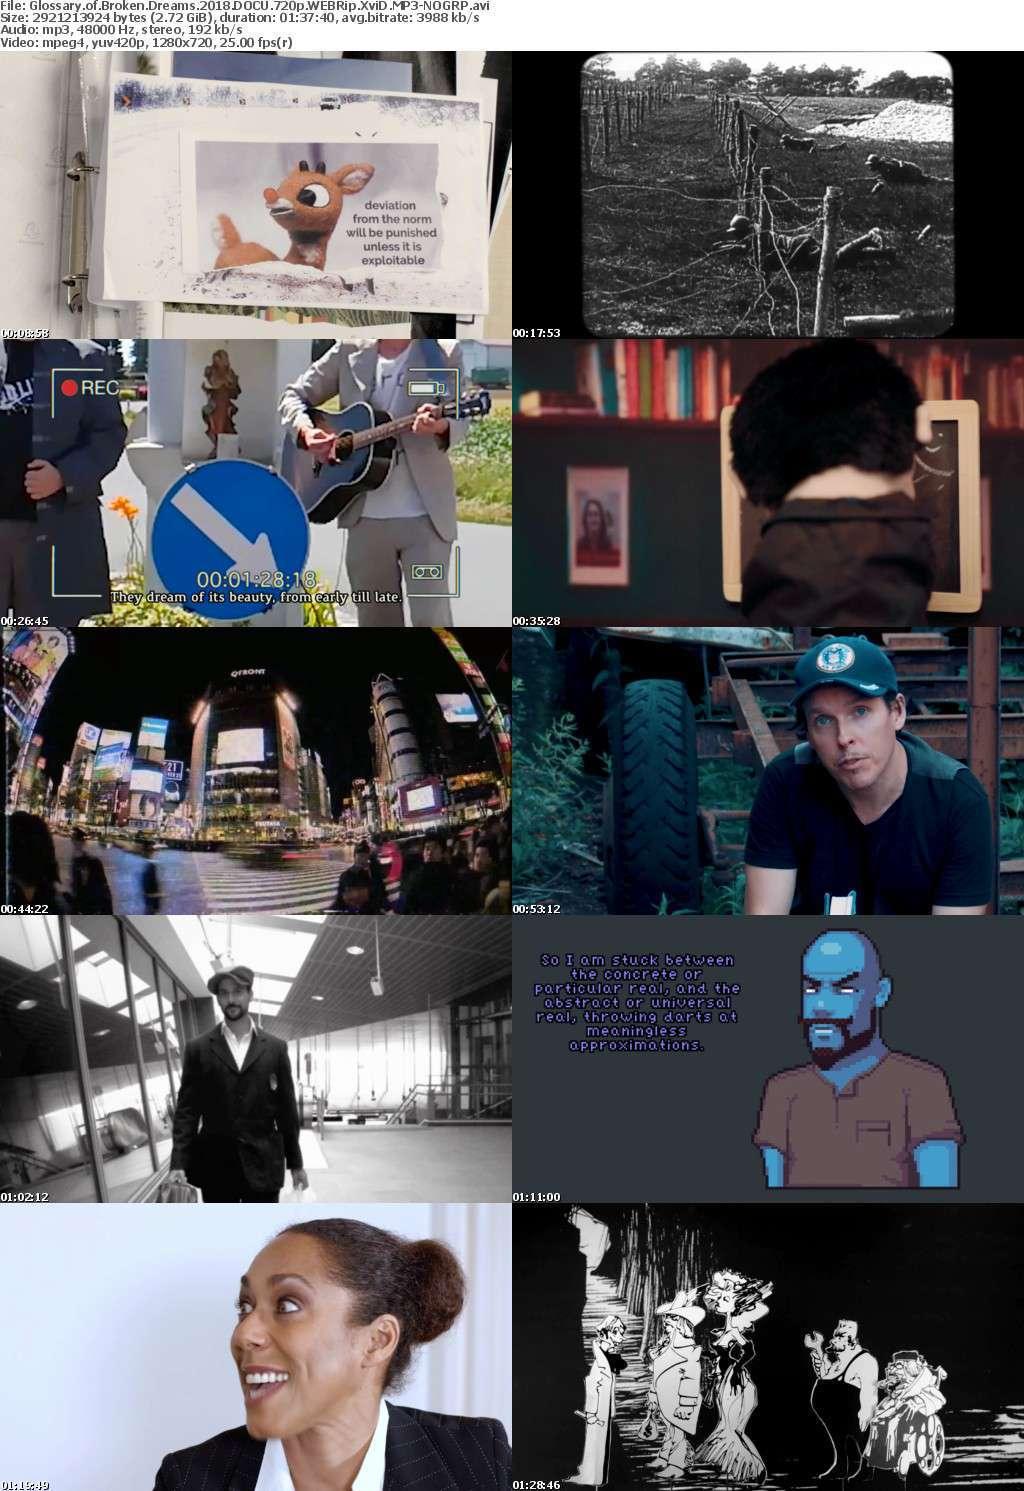 Glossary of Broken Dreams 2018 DOCU 720p WEBRip XviD MP3-NOGRP